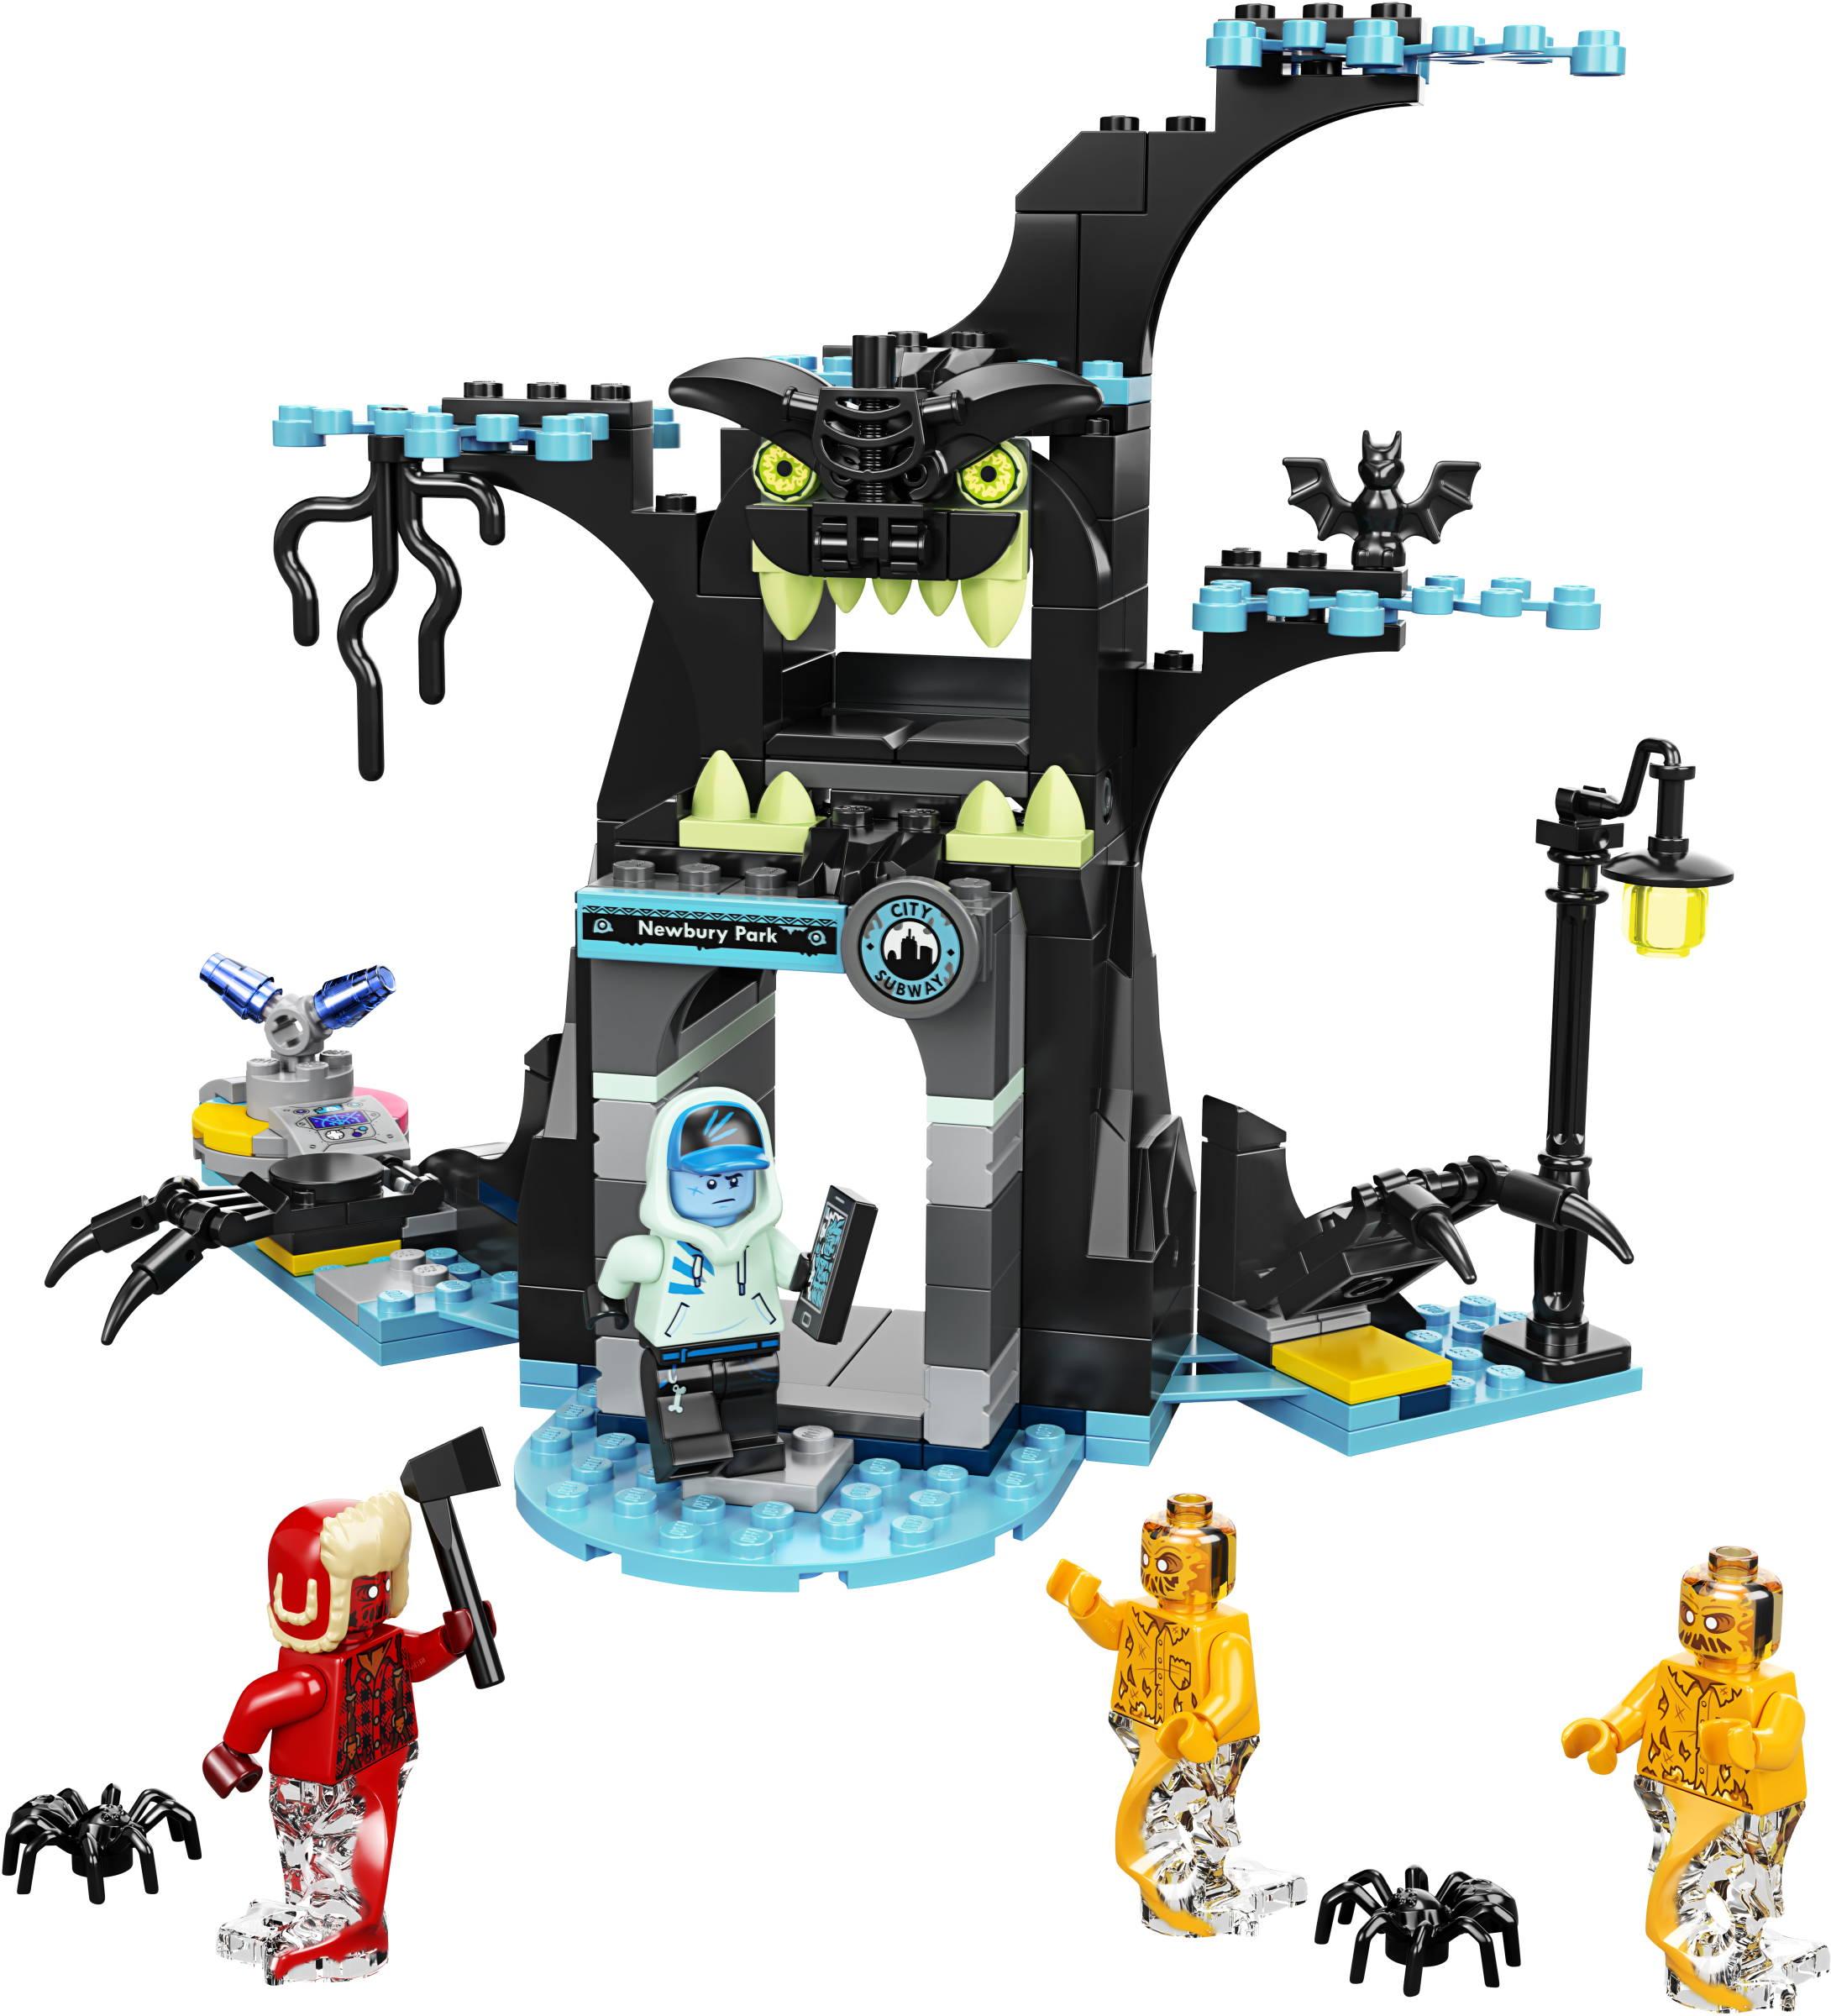 LEGO 70427-1: Portal